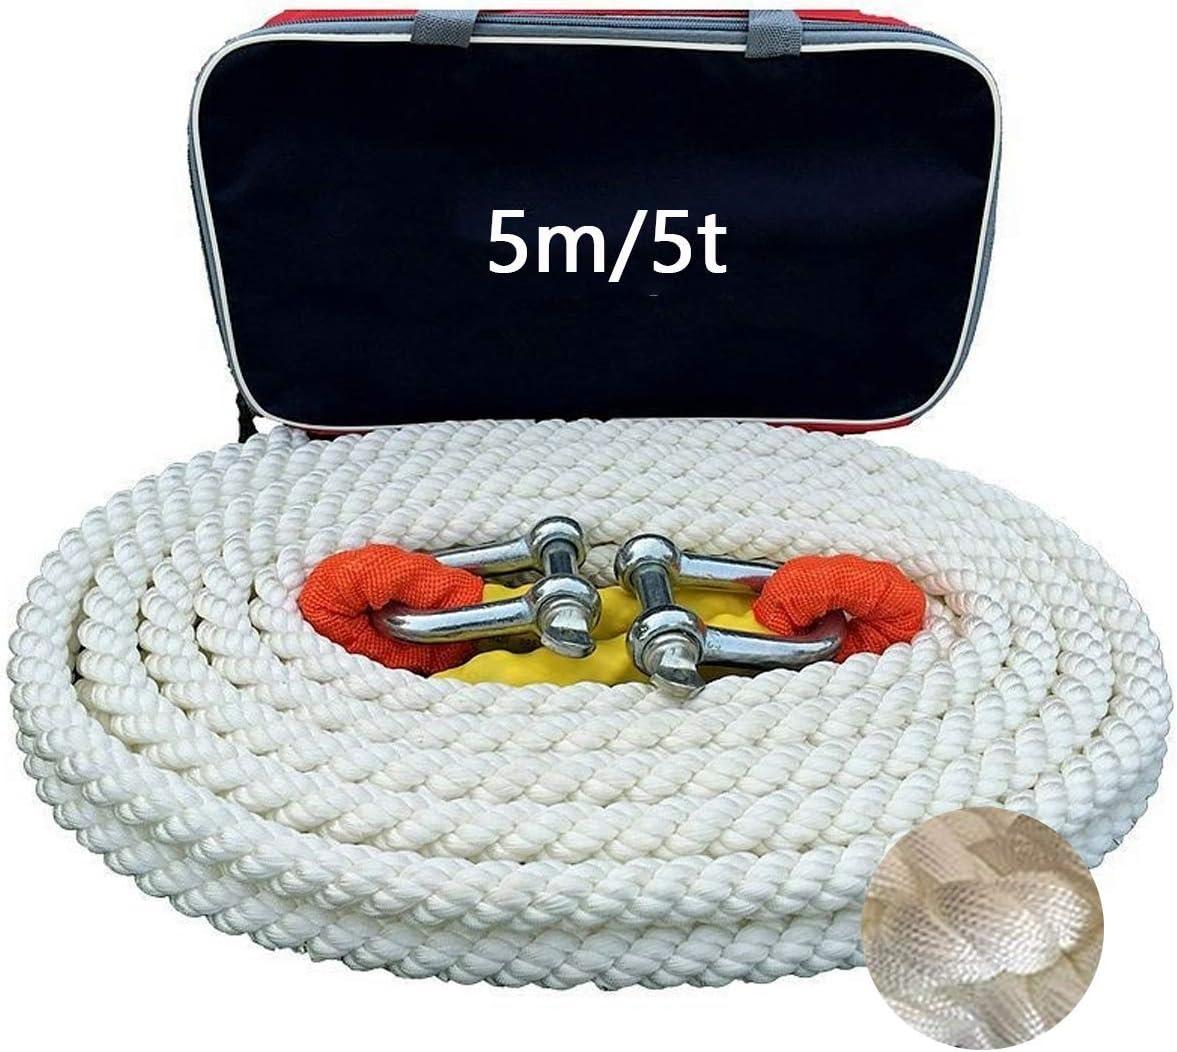 Maximale Zugkraft 5t//10t//15t Hochfestes Nylon-Abschleppseil Size : 5m//5t mit 2 Sicherheitshaken PKW PLUS 5m Abschleppseil